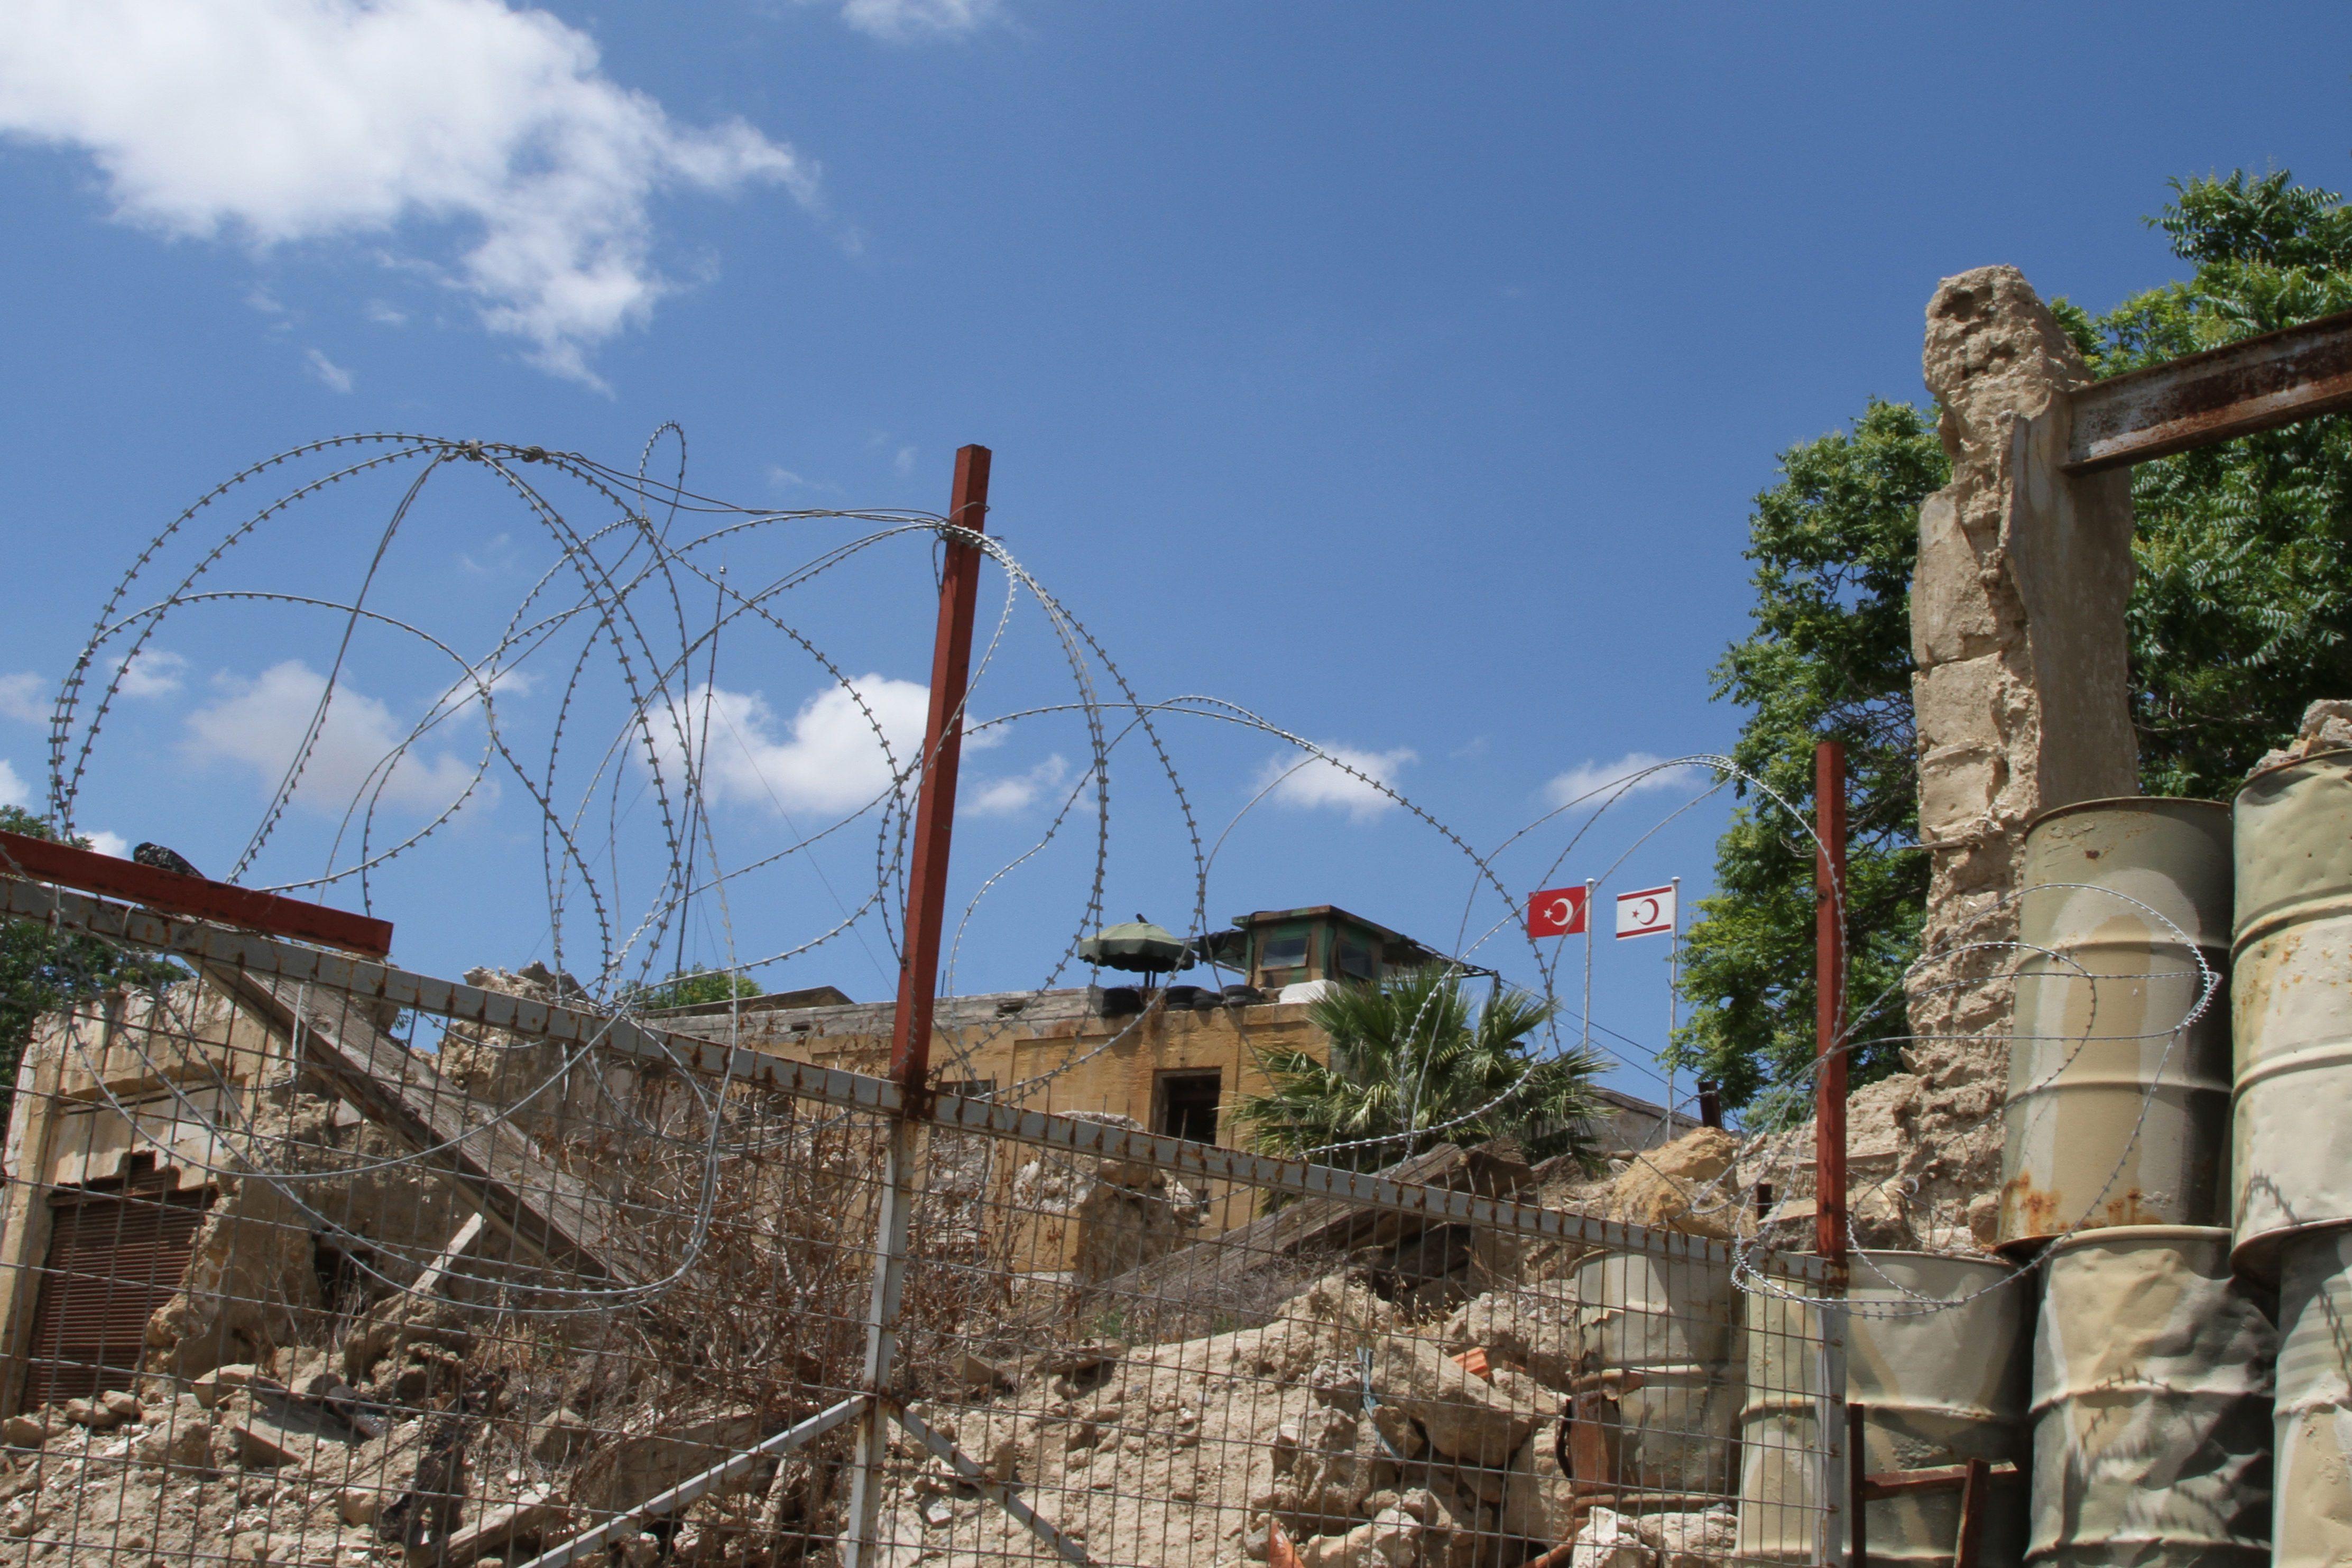 05/06/2016 La ligne verte qui sépare la République de Chypre de la République turque de Chypre du Nord POLITIQUE MOYEN-ORIENT ASIE CHYPRE DOMINIC DUDLEY / ZUMA PRESS / CONTACTOPHOTO